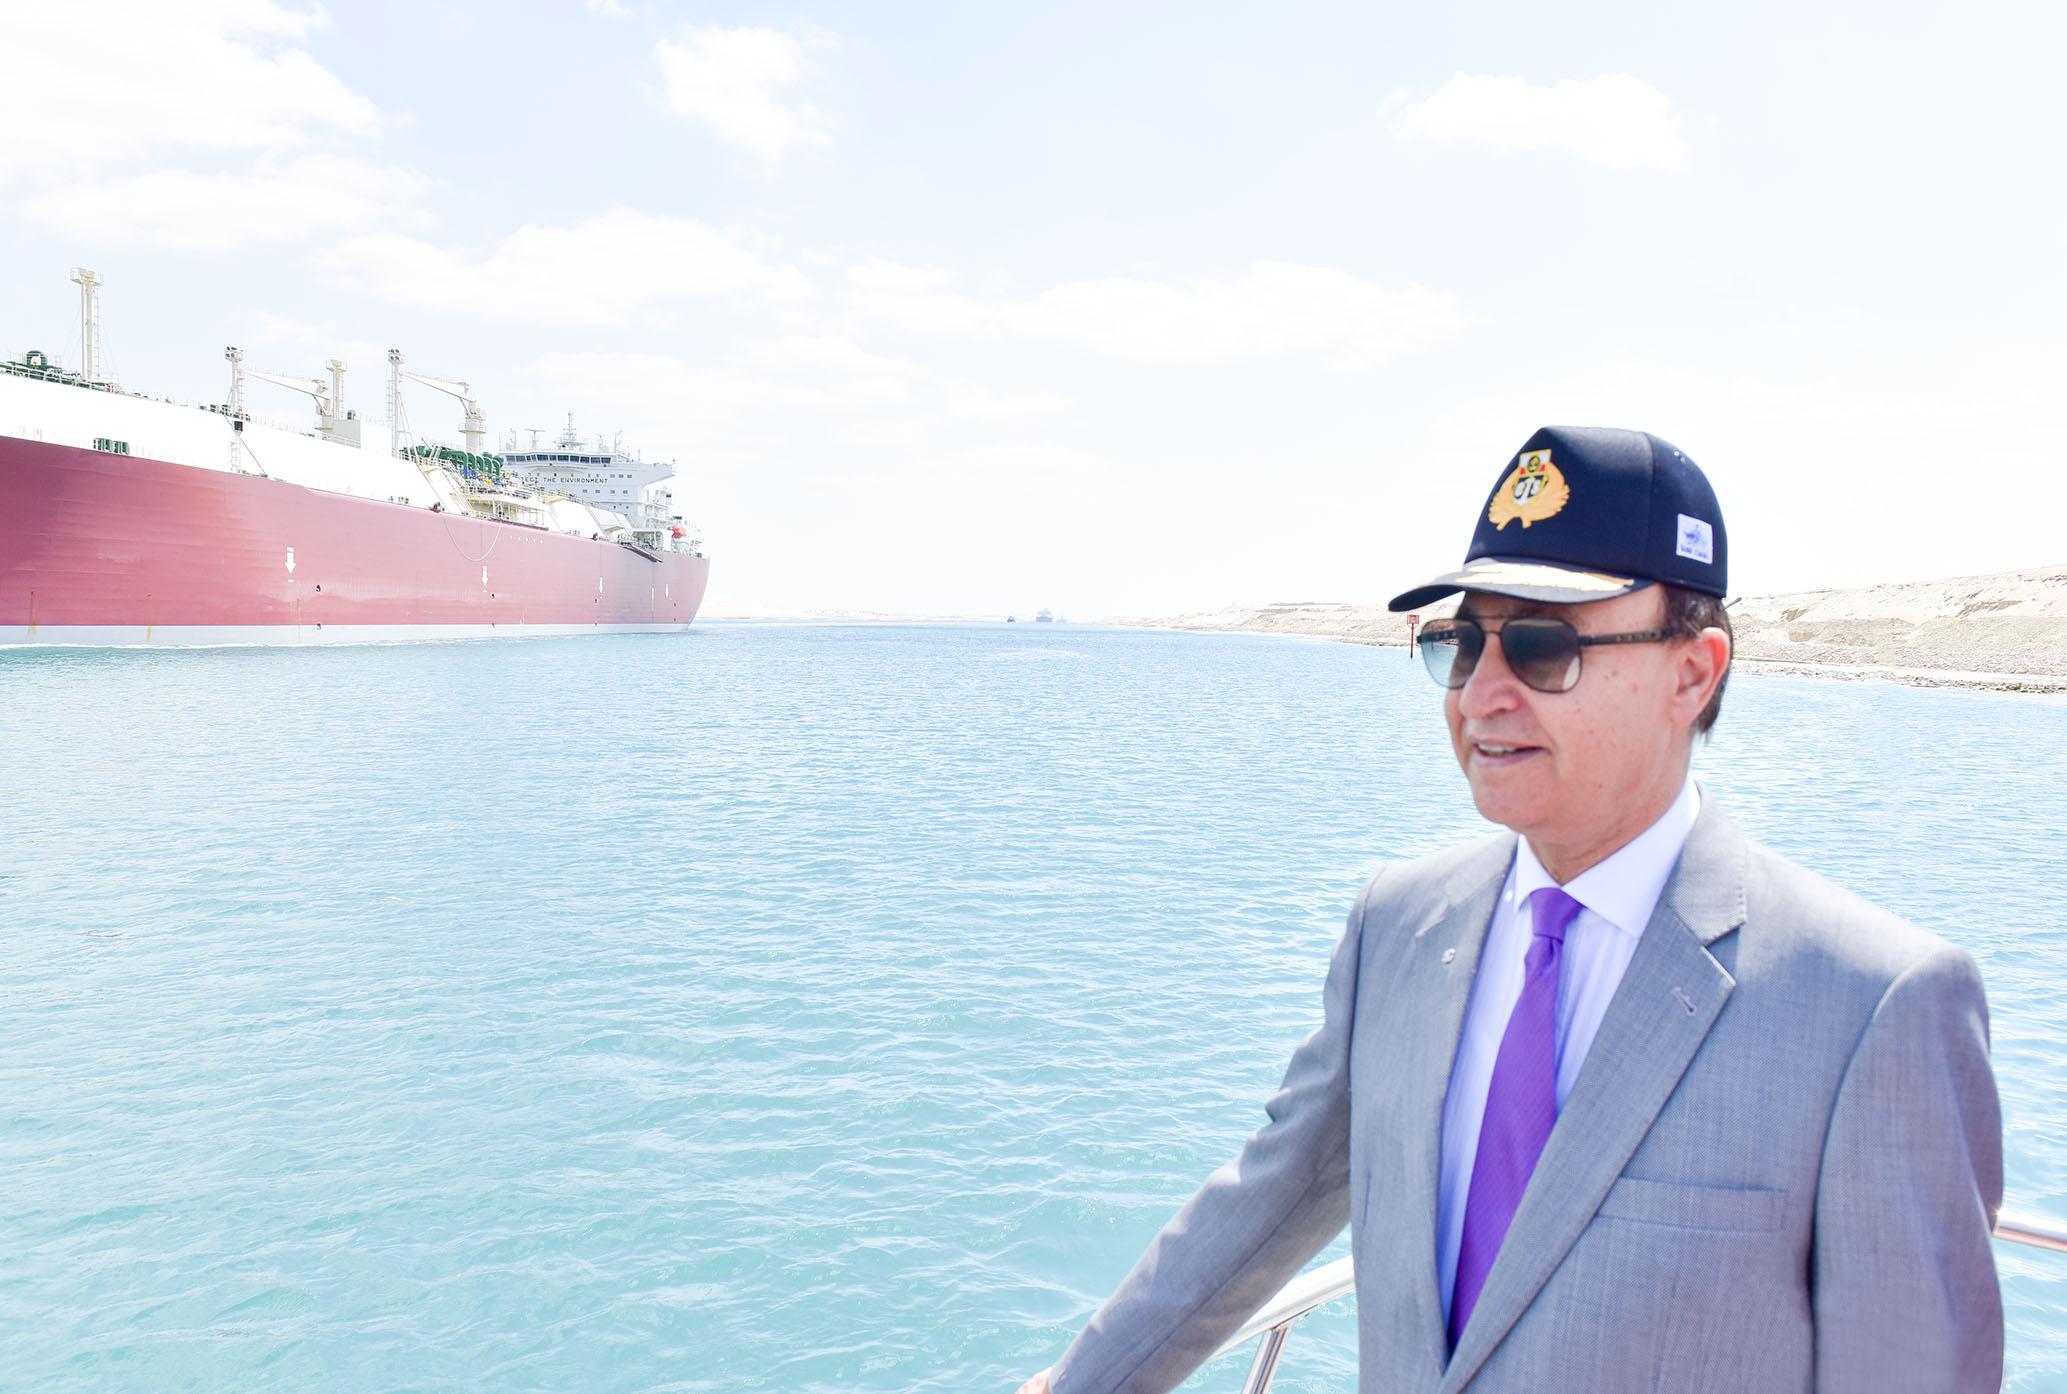 الفريق مهاب مميش رئيس هيئة قناة السويس رئيس الهيئة العامة الاقتصادية لمنطقة القناة